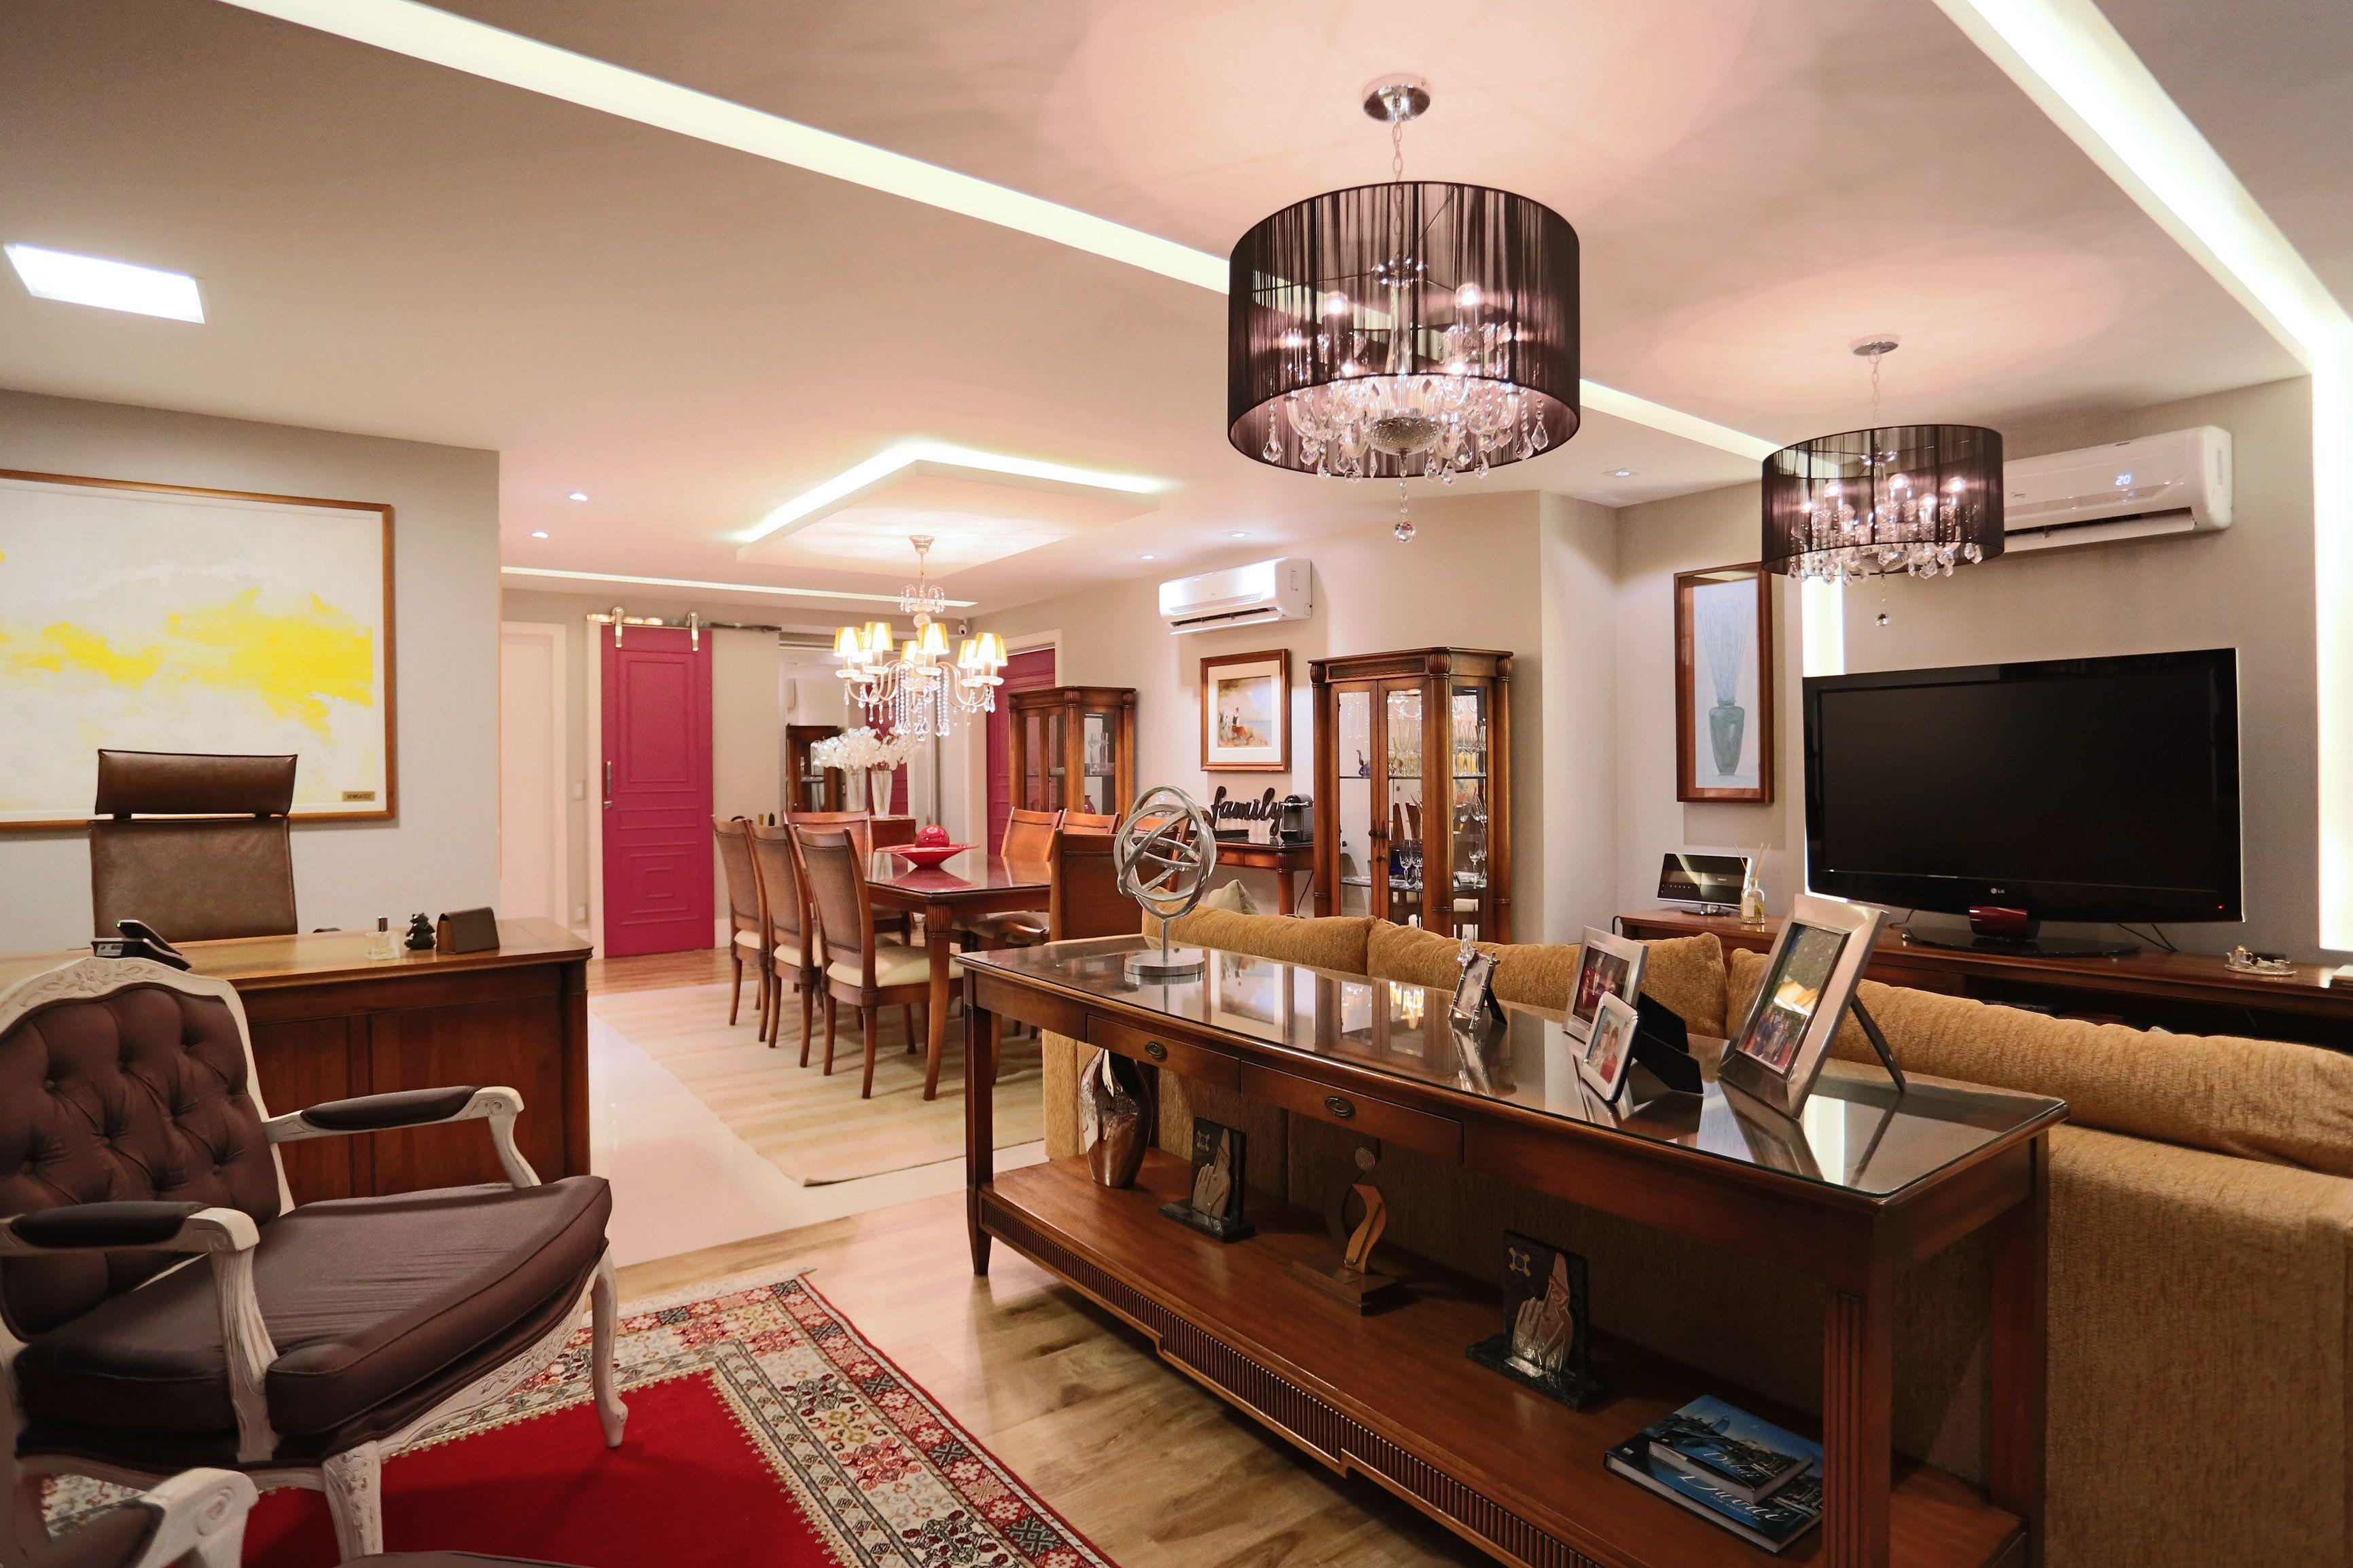 Apartamento Cl Ssico E Aconchegante Ambiente Elegante E Alegre  -> Sala De Tv E Biblioteca